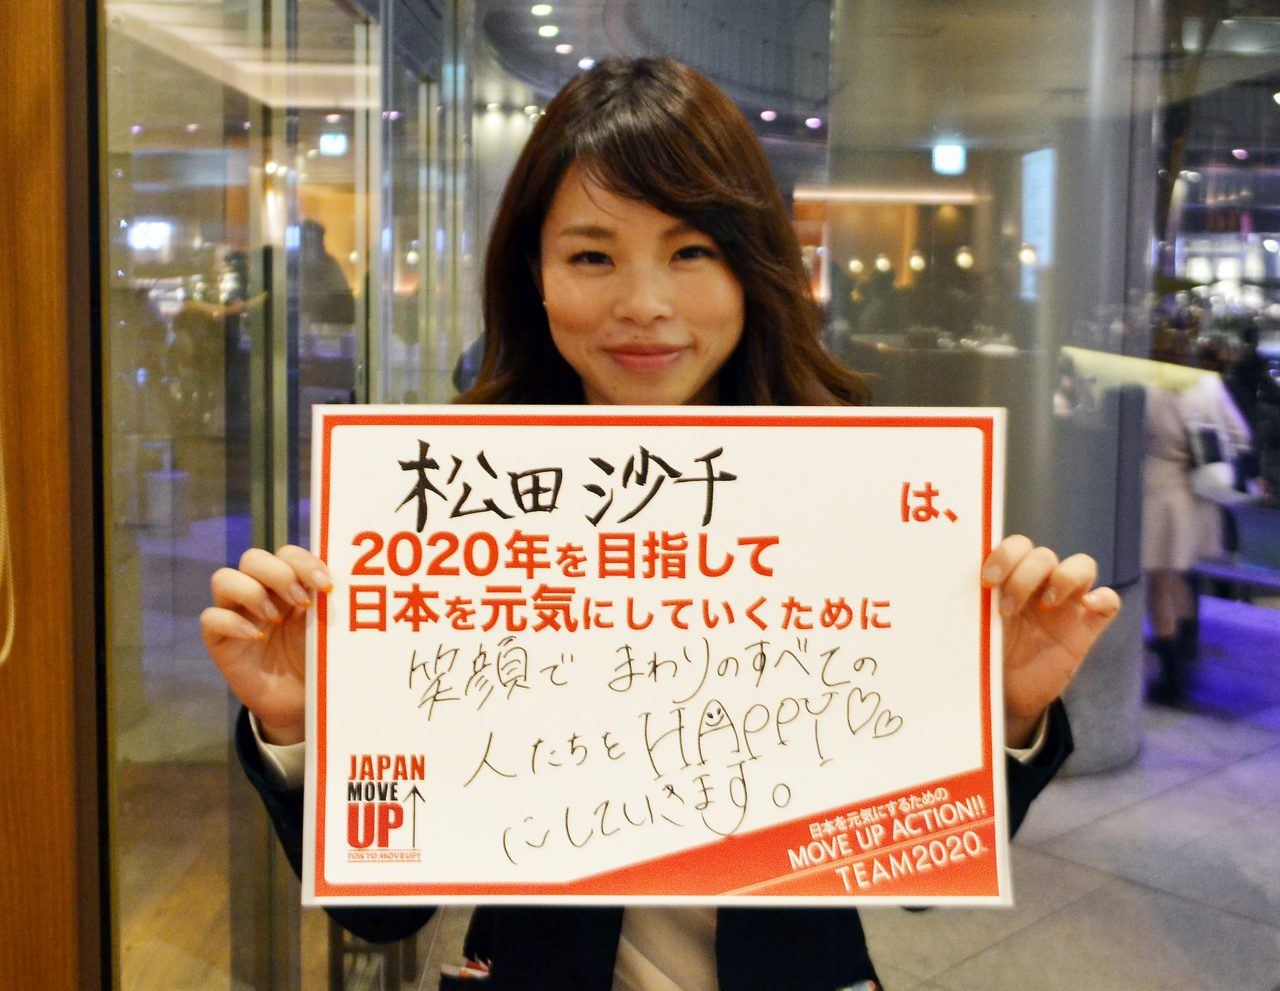 画像: 今日のアクション宣言!日本を元気にするために自分ができること…「笑顔でまわりのすべての人たちをHAPPY♡♡にしていきます。」